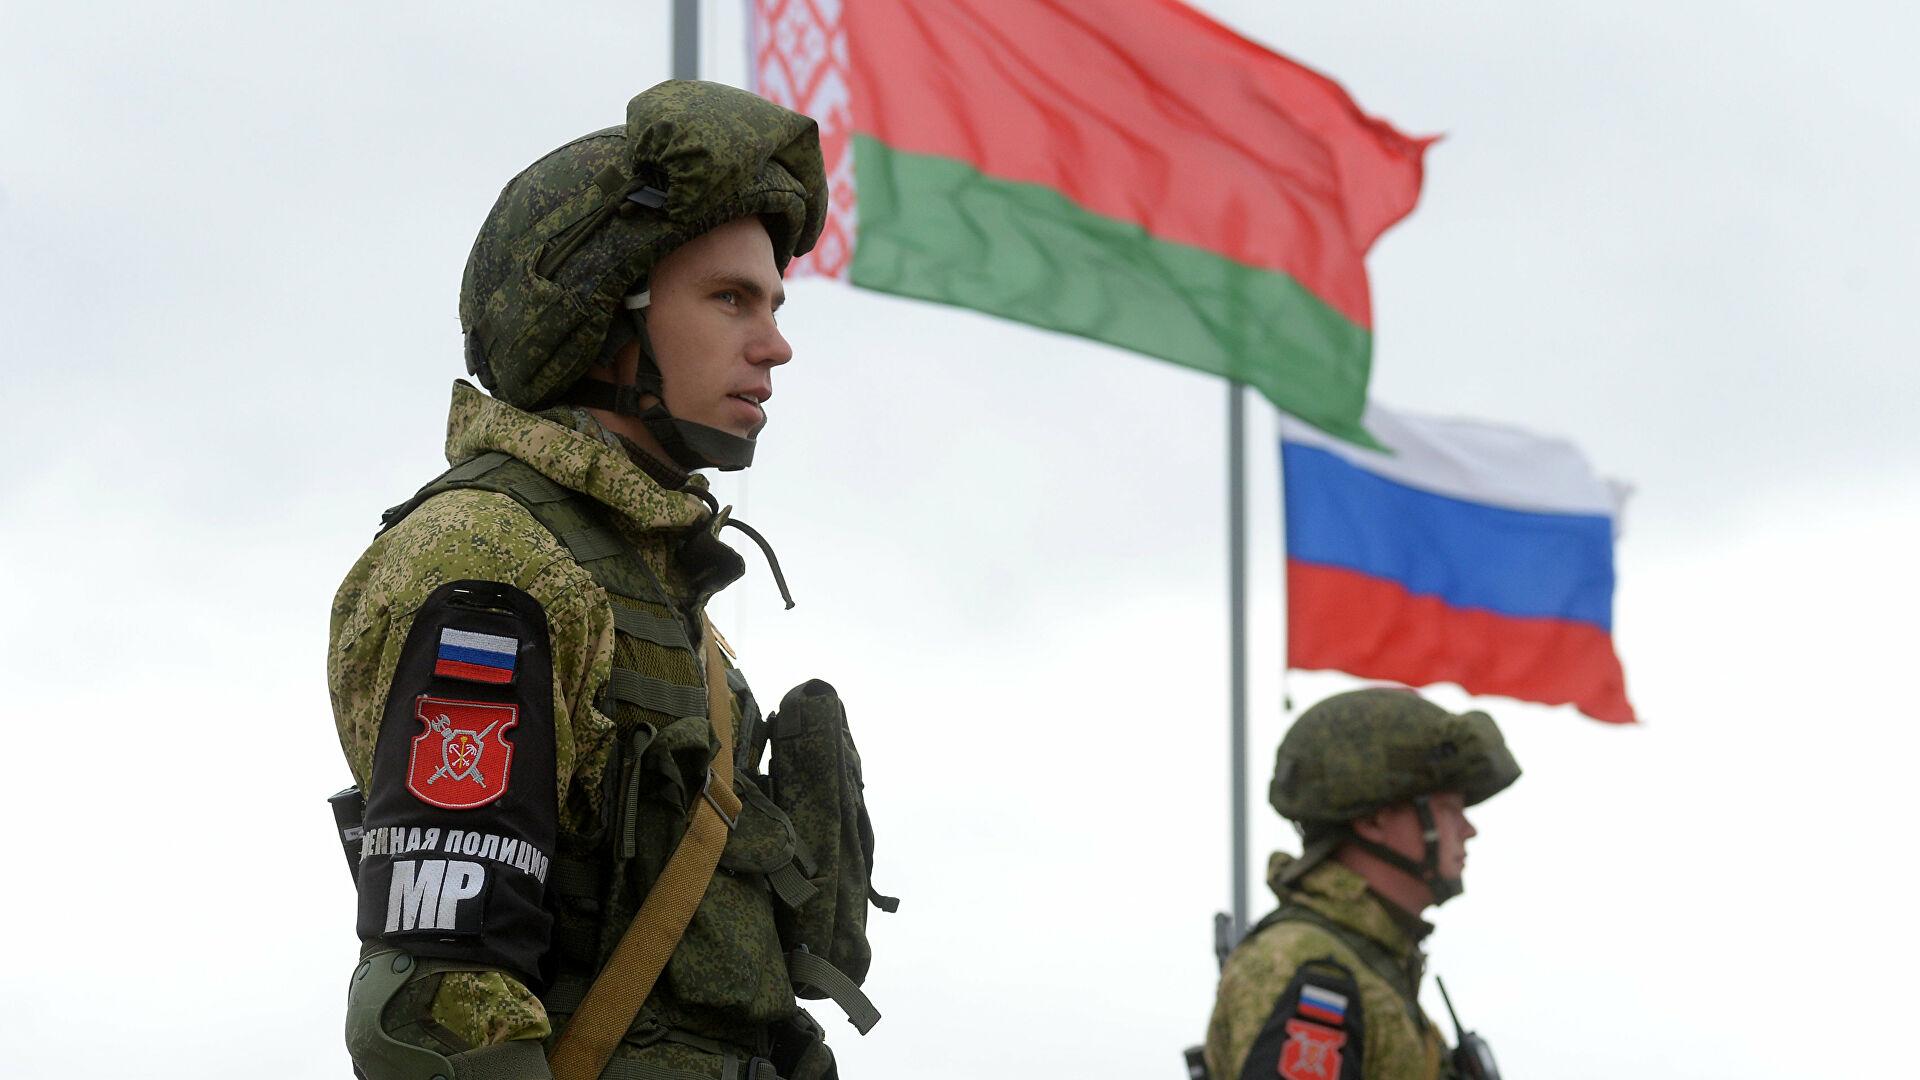 """Белорусија најавила заједнику вежбу са Русијом - """"Запад 2021"""""""